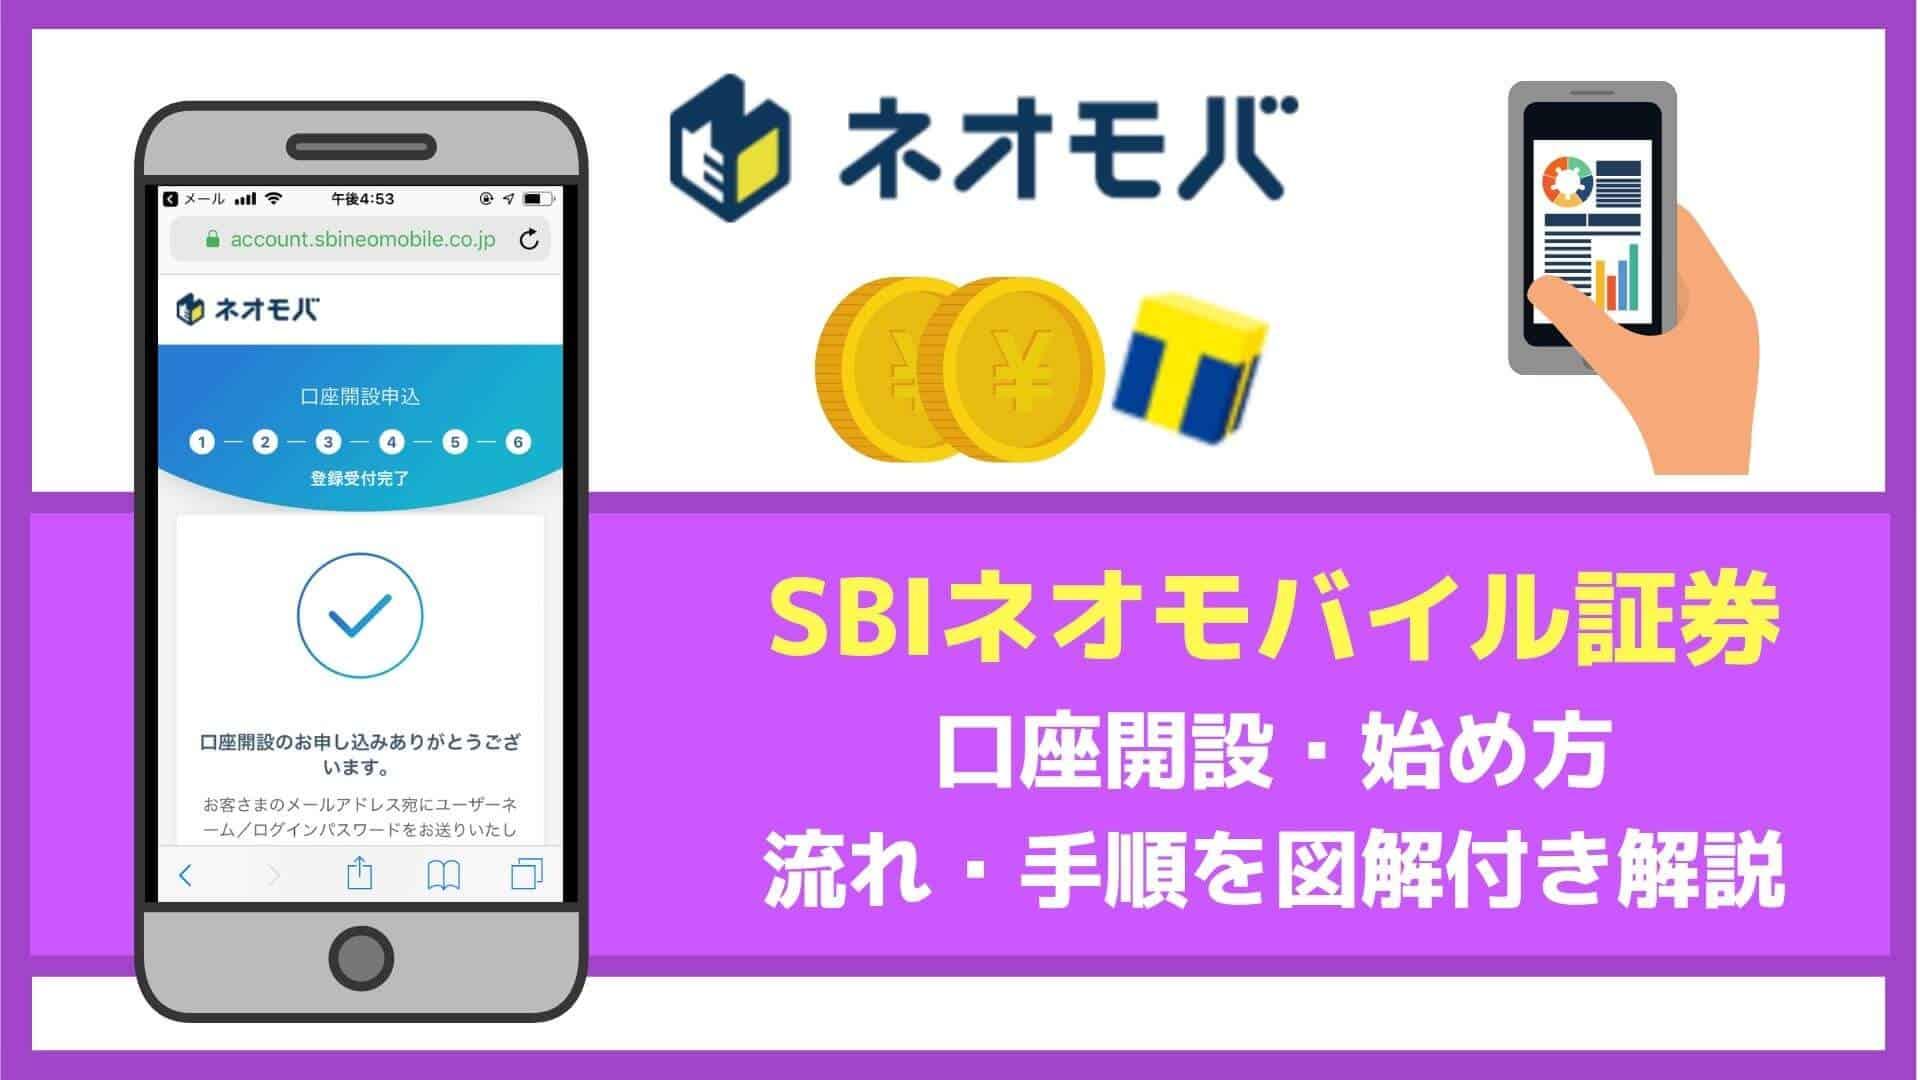 ネオモバイル証券 キャンペーン